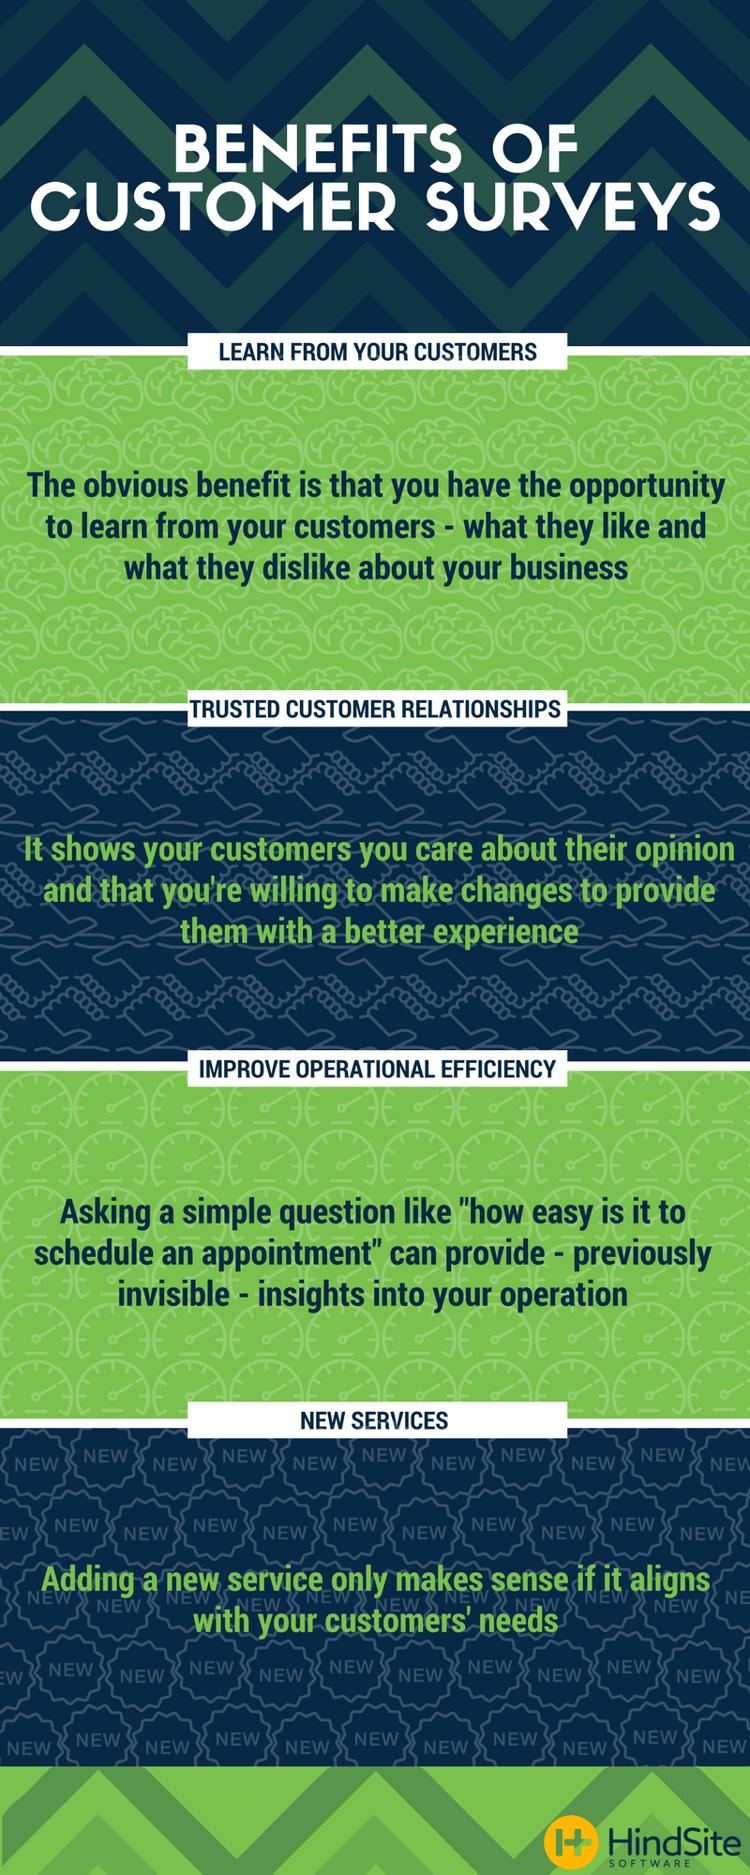 Benefits of Customer Surveys.png